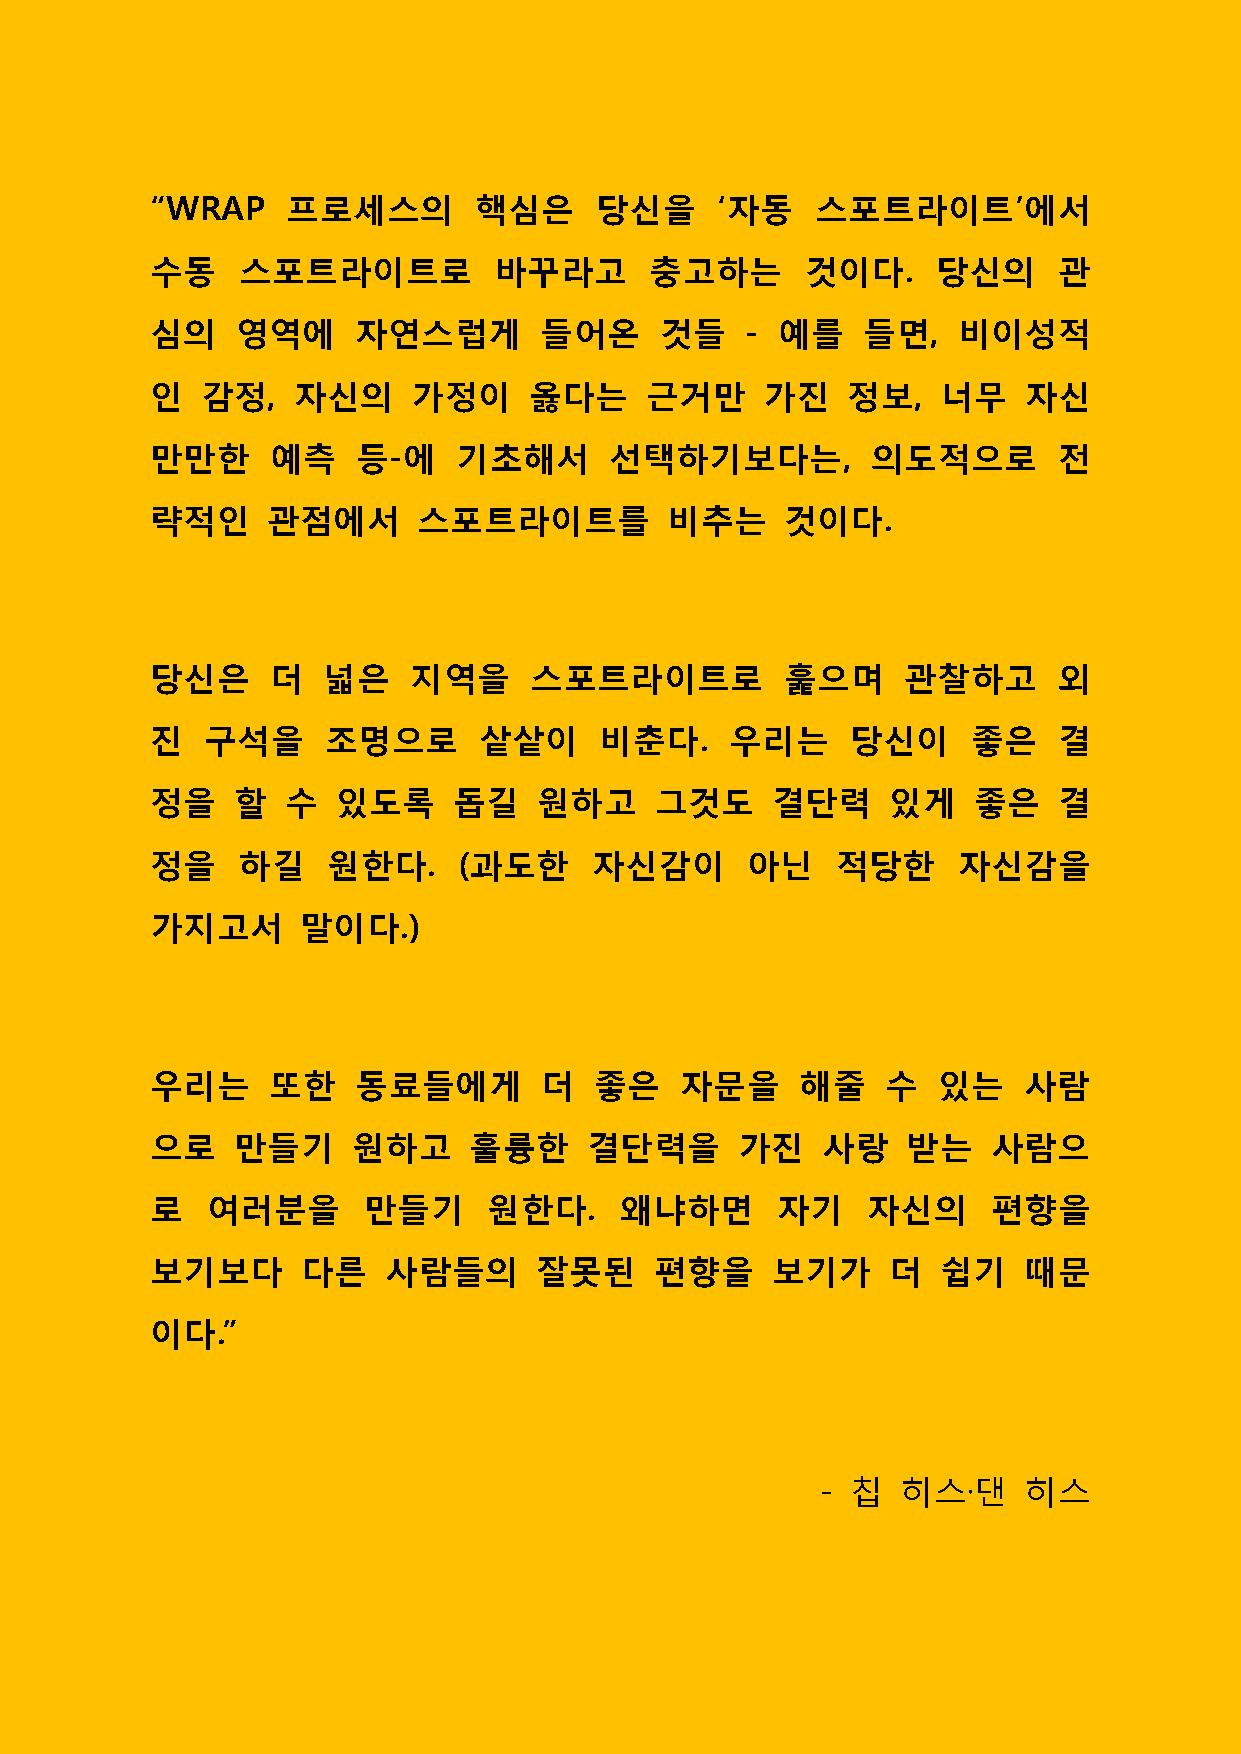 라이트닝_Page_13.png